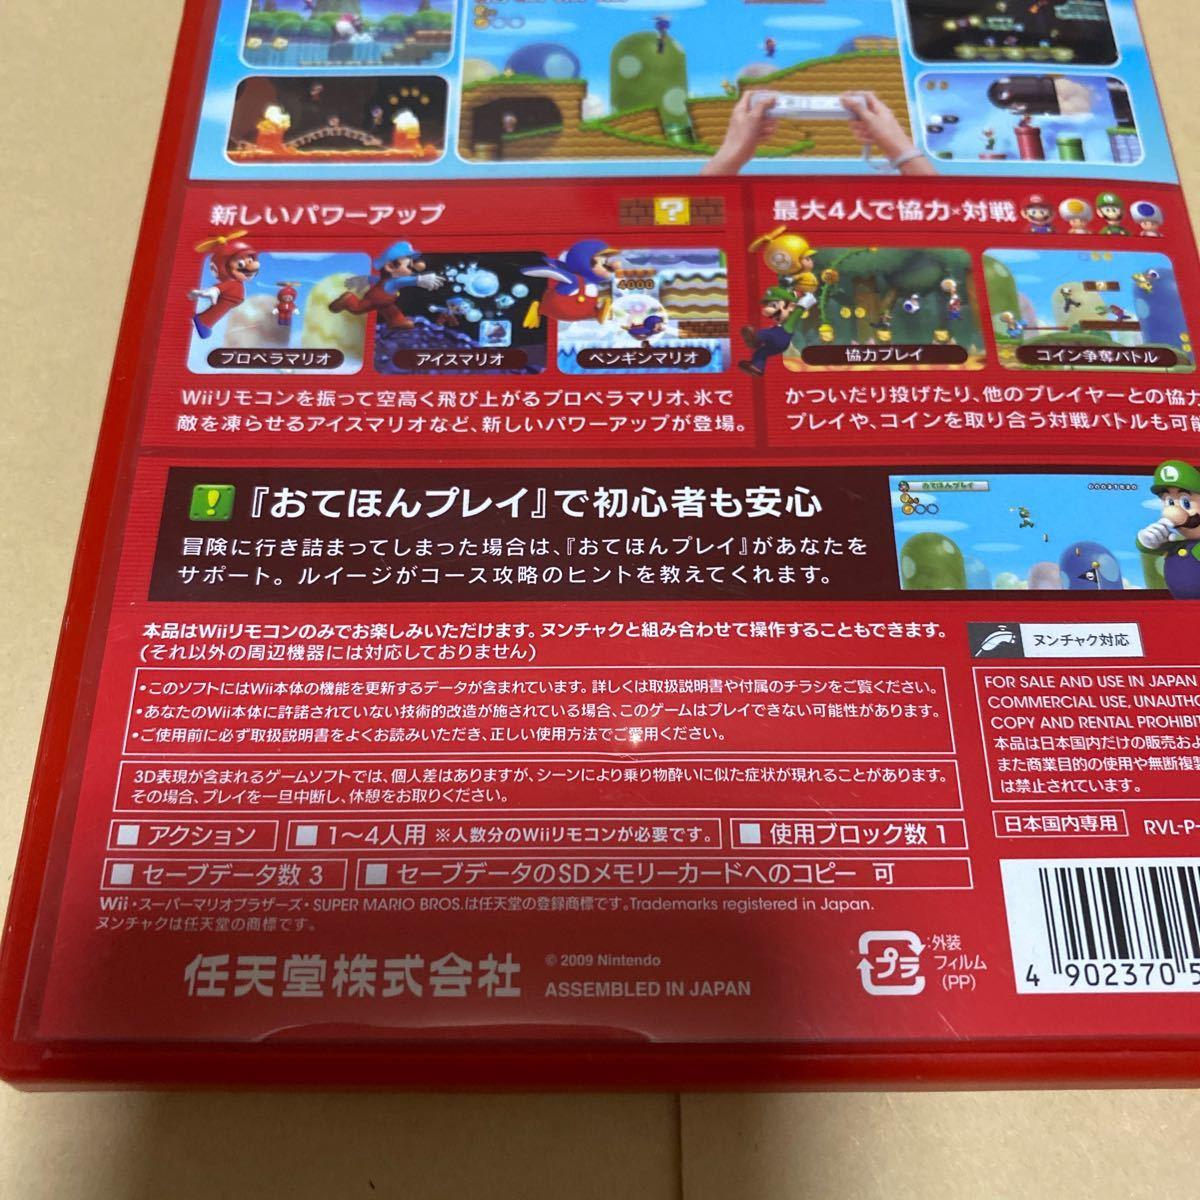 NewスーパーマリオブラザーズWiiとマリオパーティ8